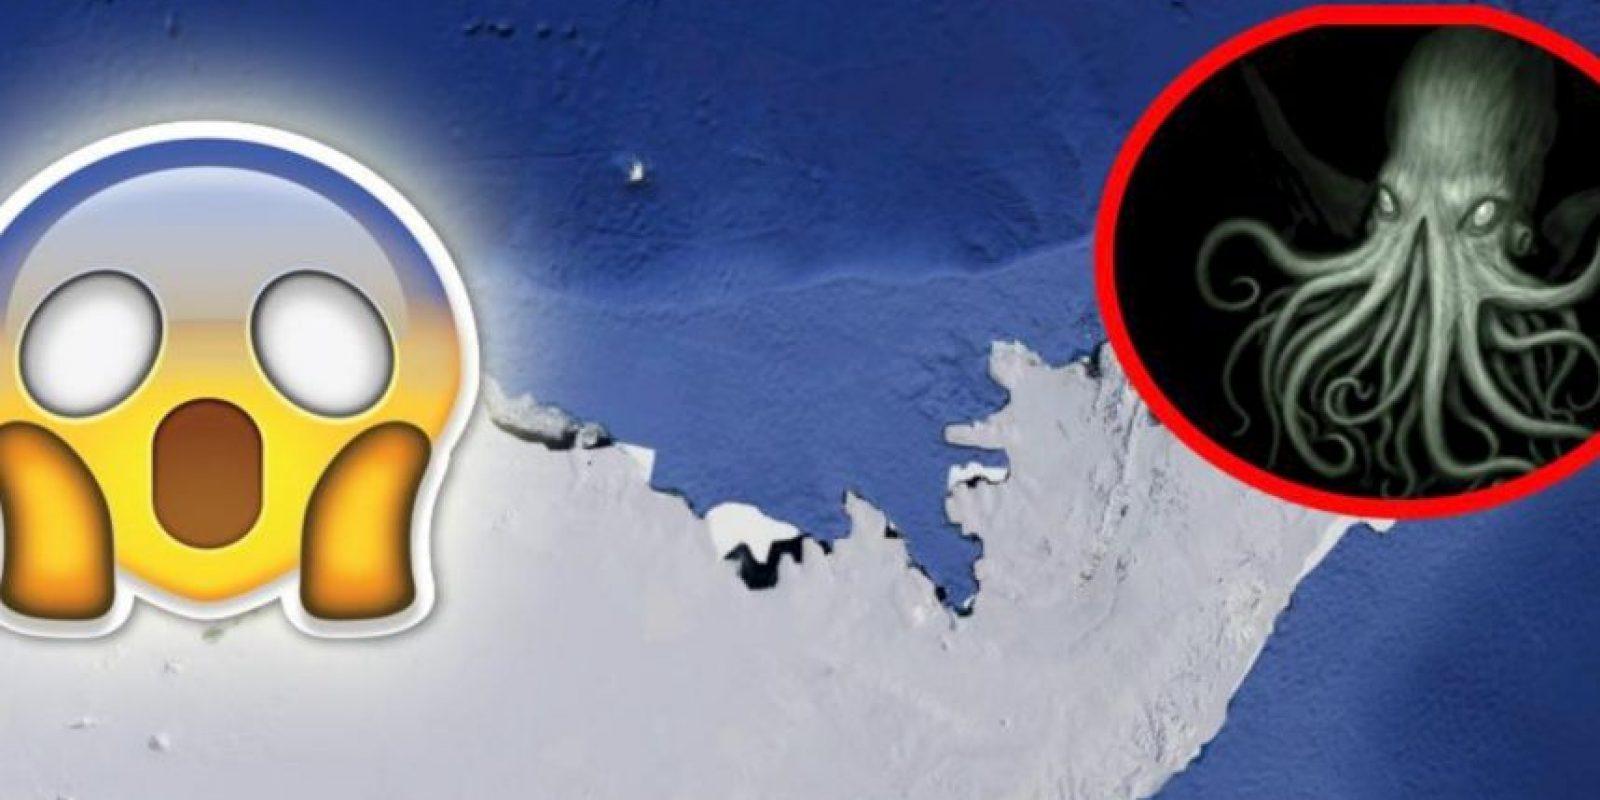 De acuerdo con la información, la Antártida sería el hogar de este monstruo mitológico. Foto:Google Maps